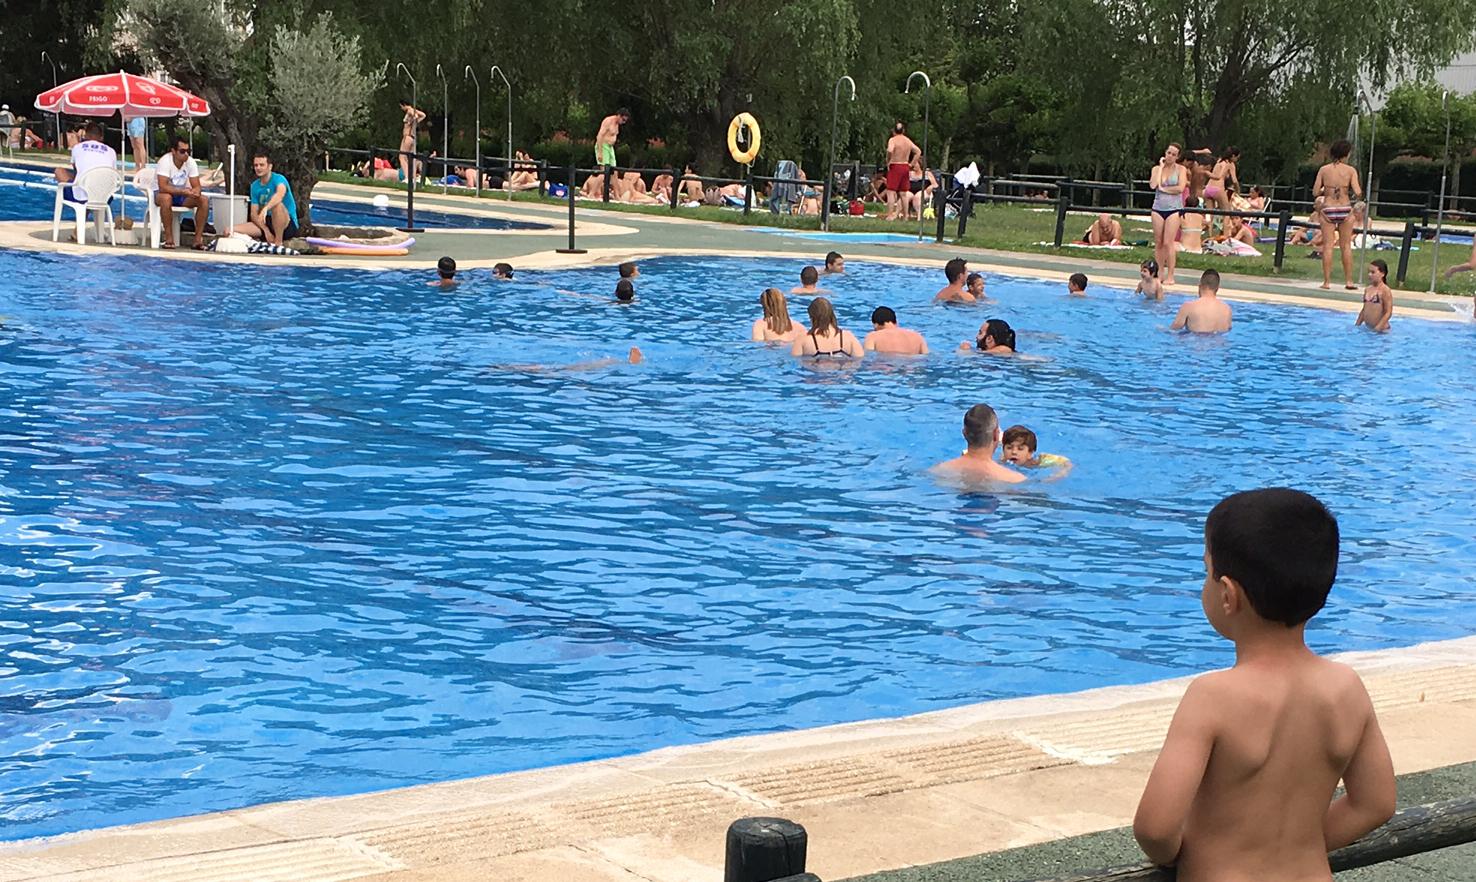 El viernes 23 comienza la temporada de verano en la for Piscina guadarrama